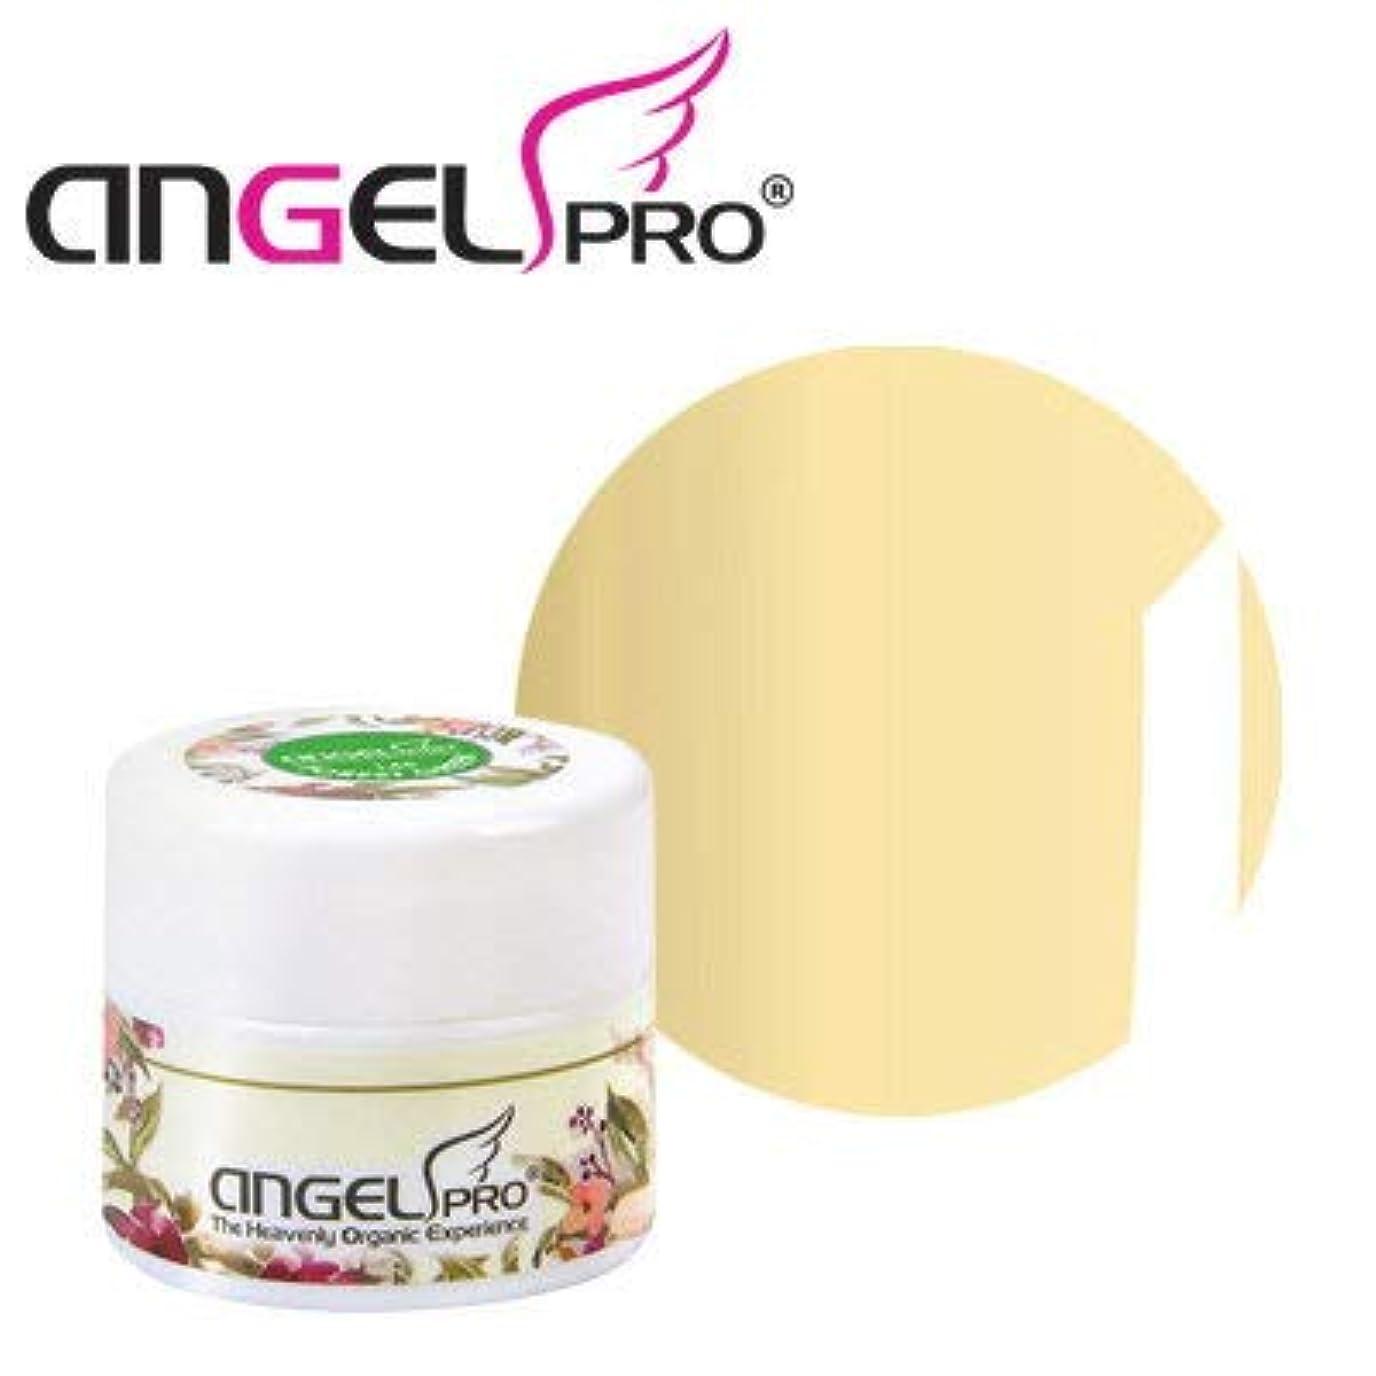 医師完全に変換ANGEL PRO ポットジェリー #2 CREME BRULEE 4g